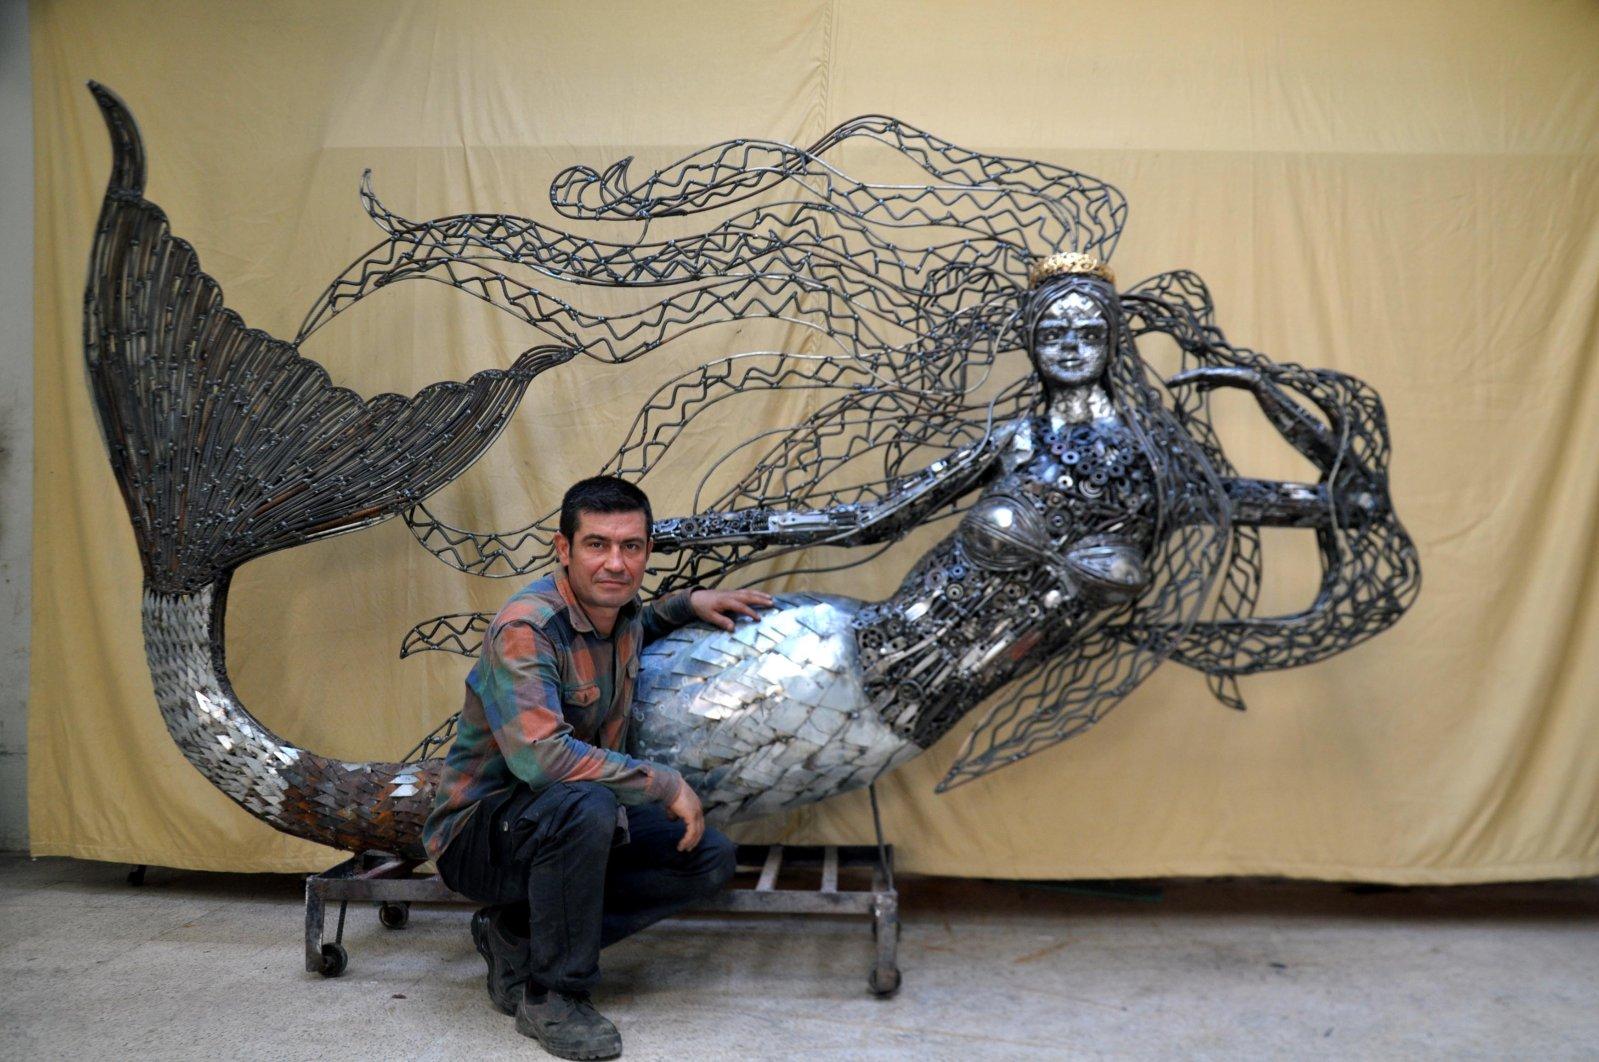 Scrap artist Mervan Altınorak stands beside his sculpture of a mermaid in the Reyhanlı district of Hatay, southern Turkey, Sept. 21, 2020. (DHA Photo)